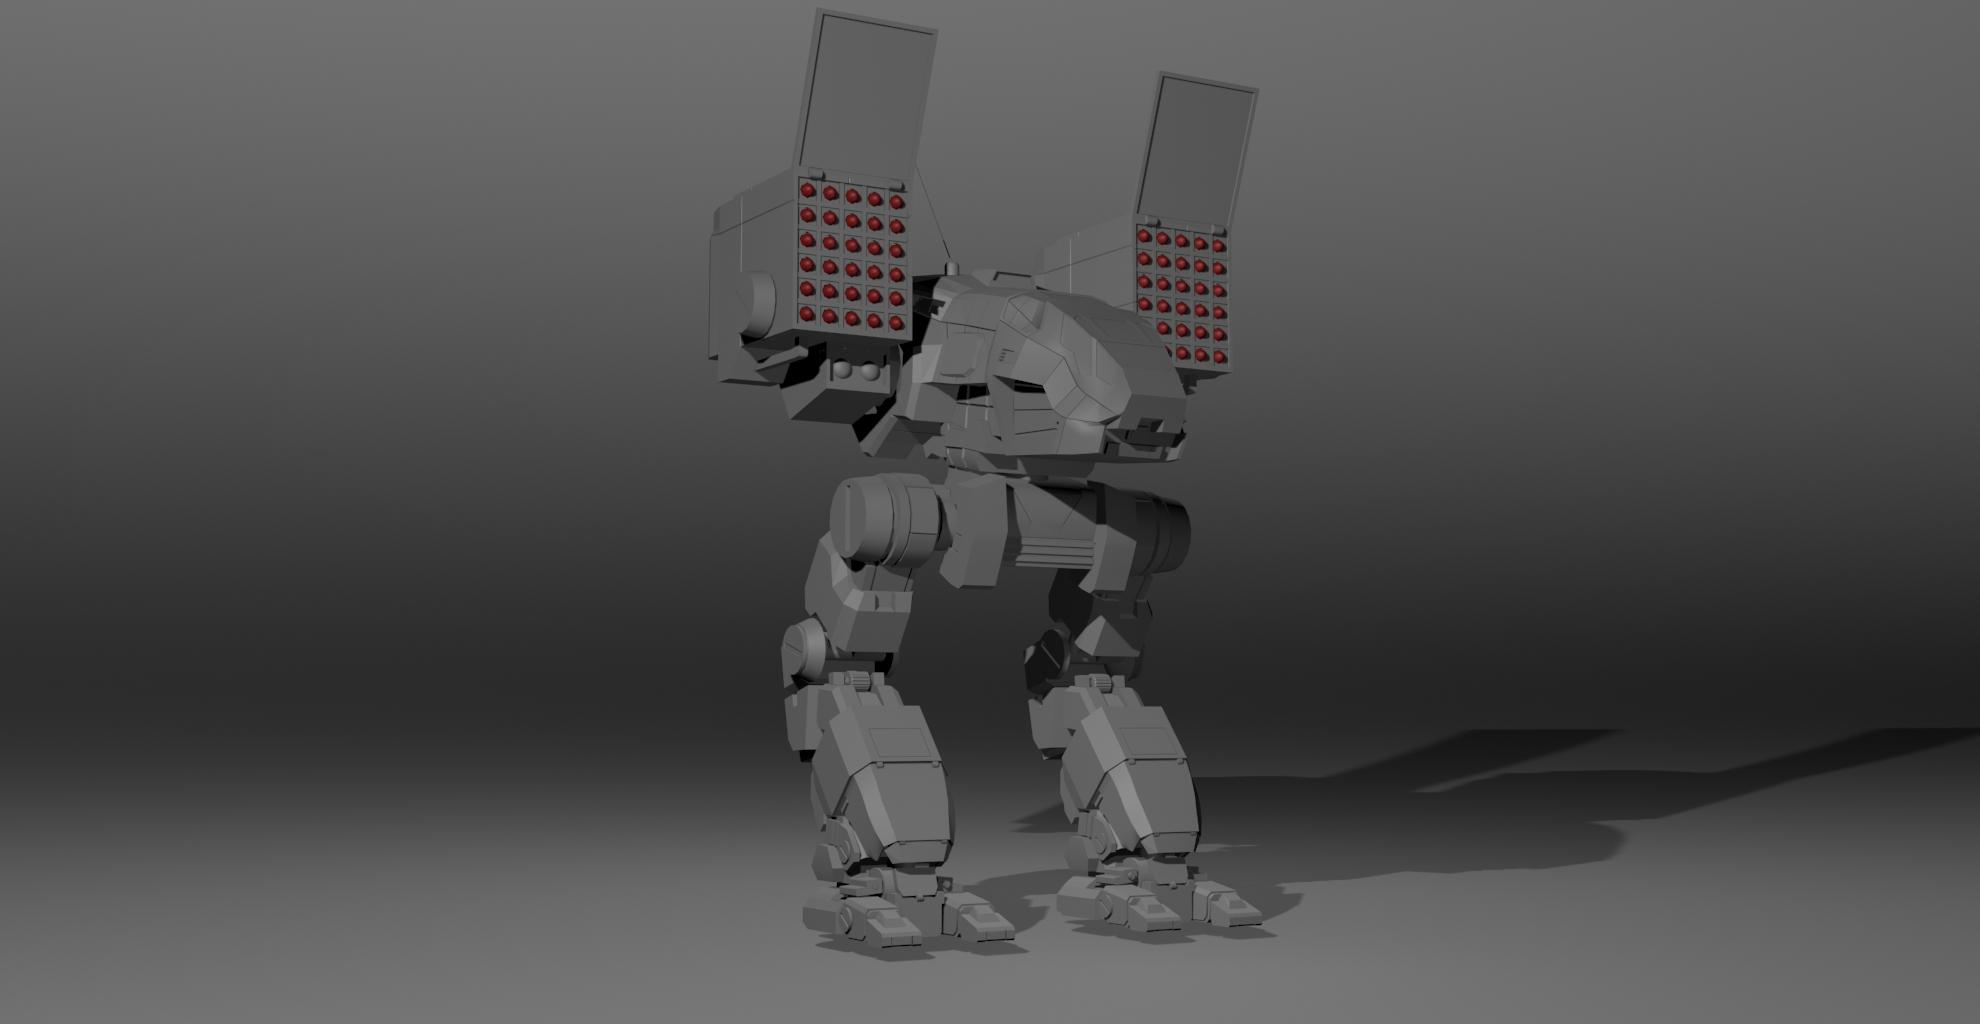 Catapult_Mech.jpg